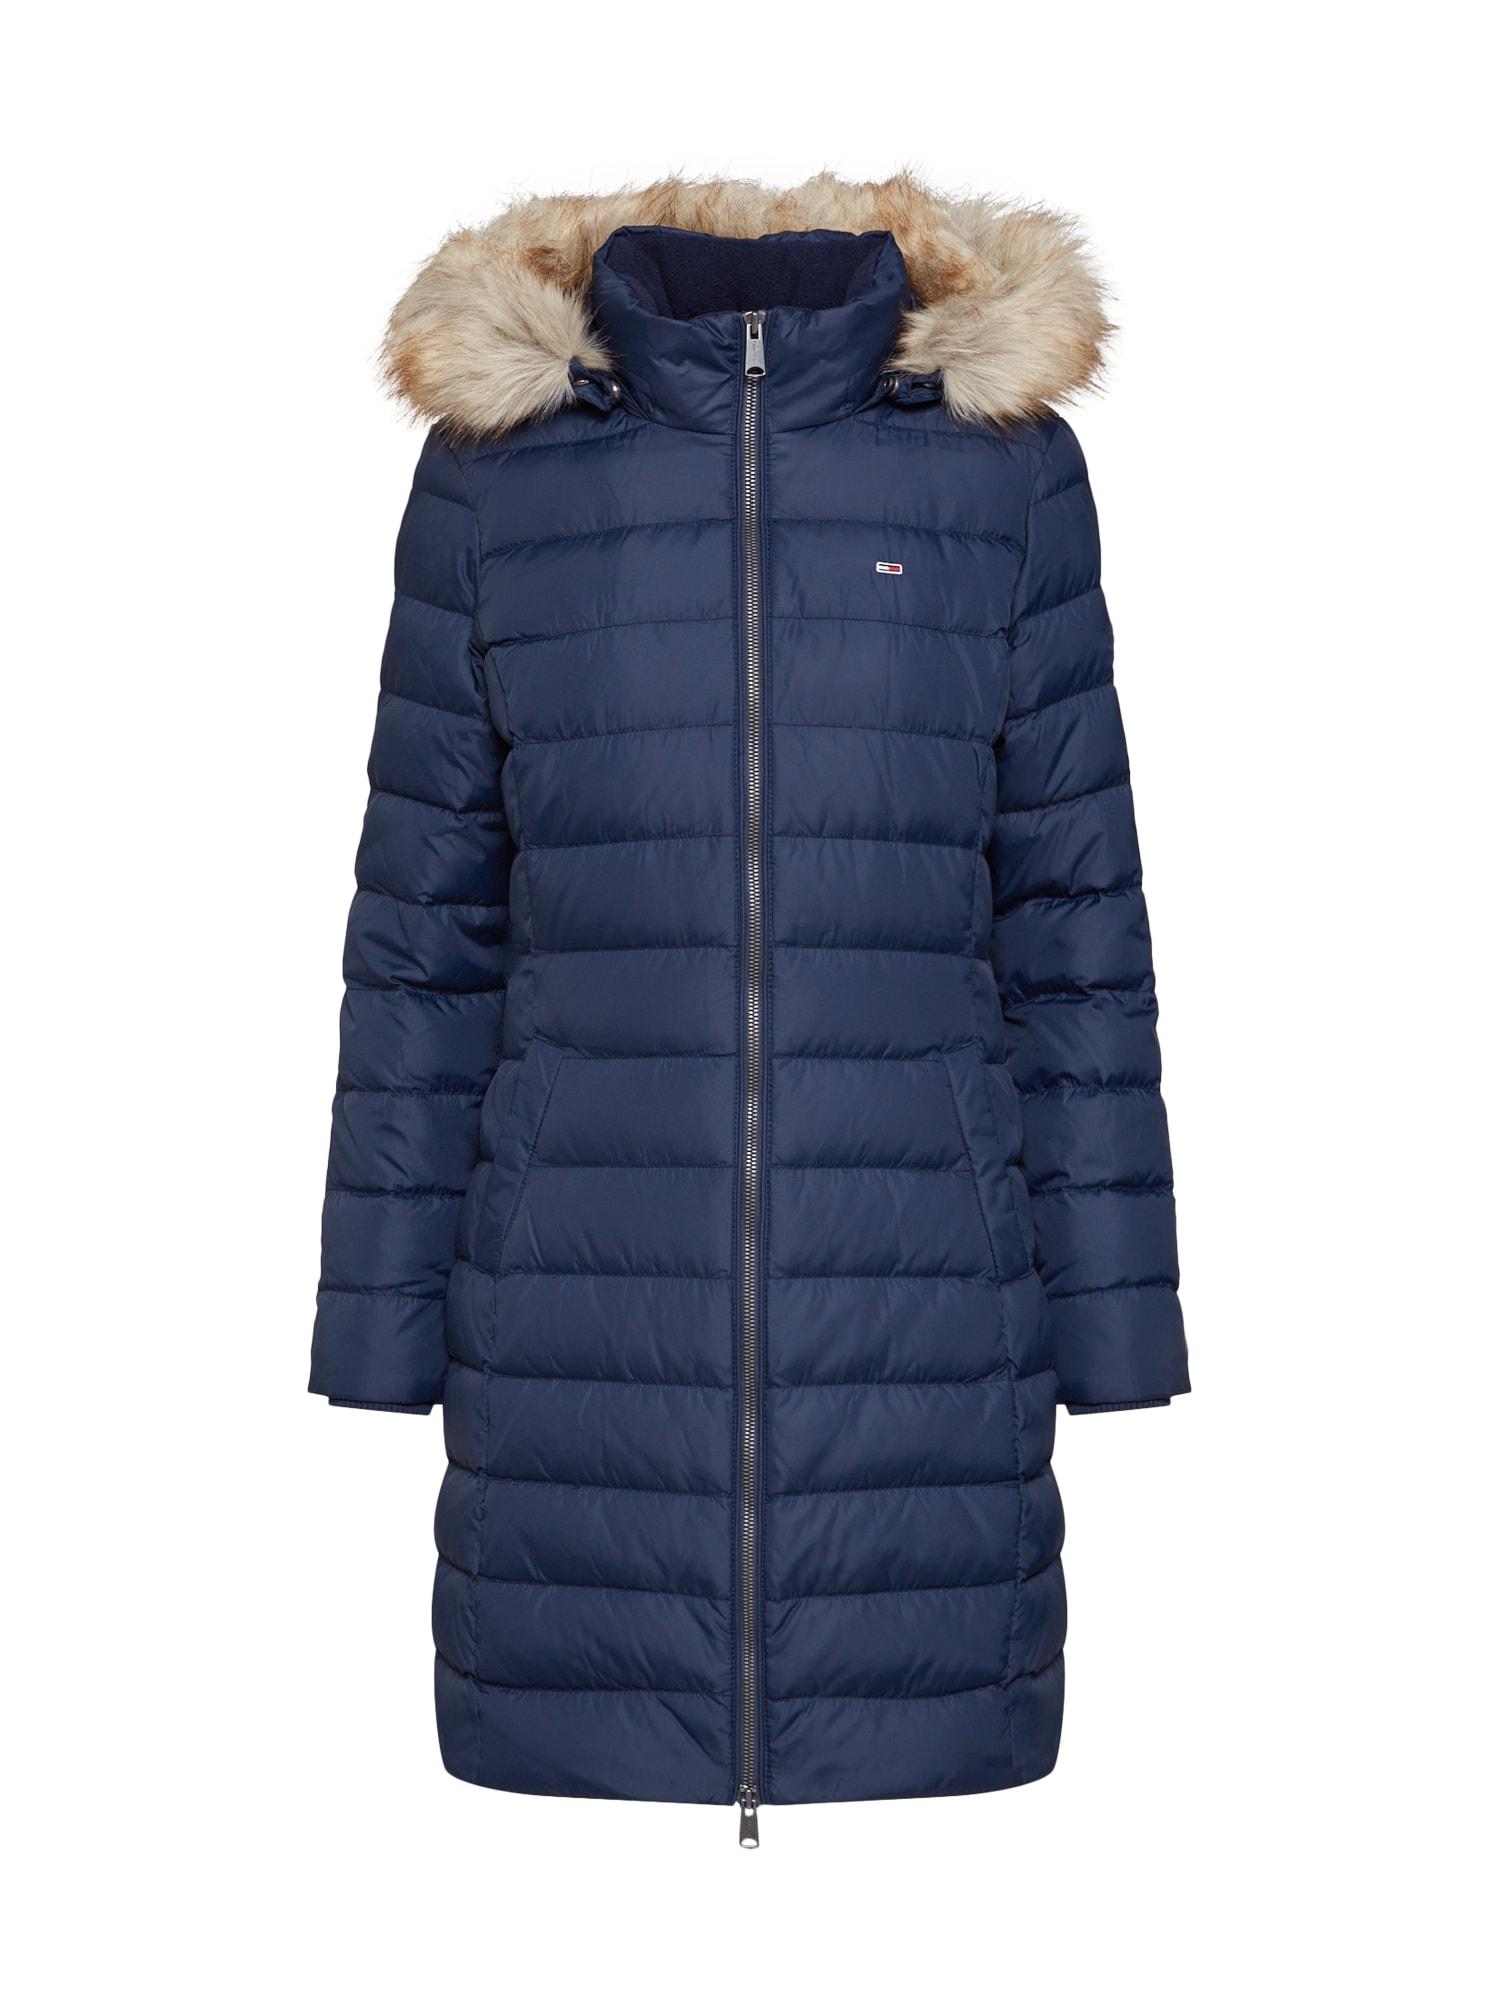 Zimní kabát TJW ESSENTIAL HOODED DOWN COAT námořnická modř Tommy Jeans